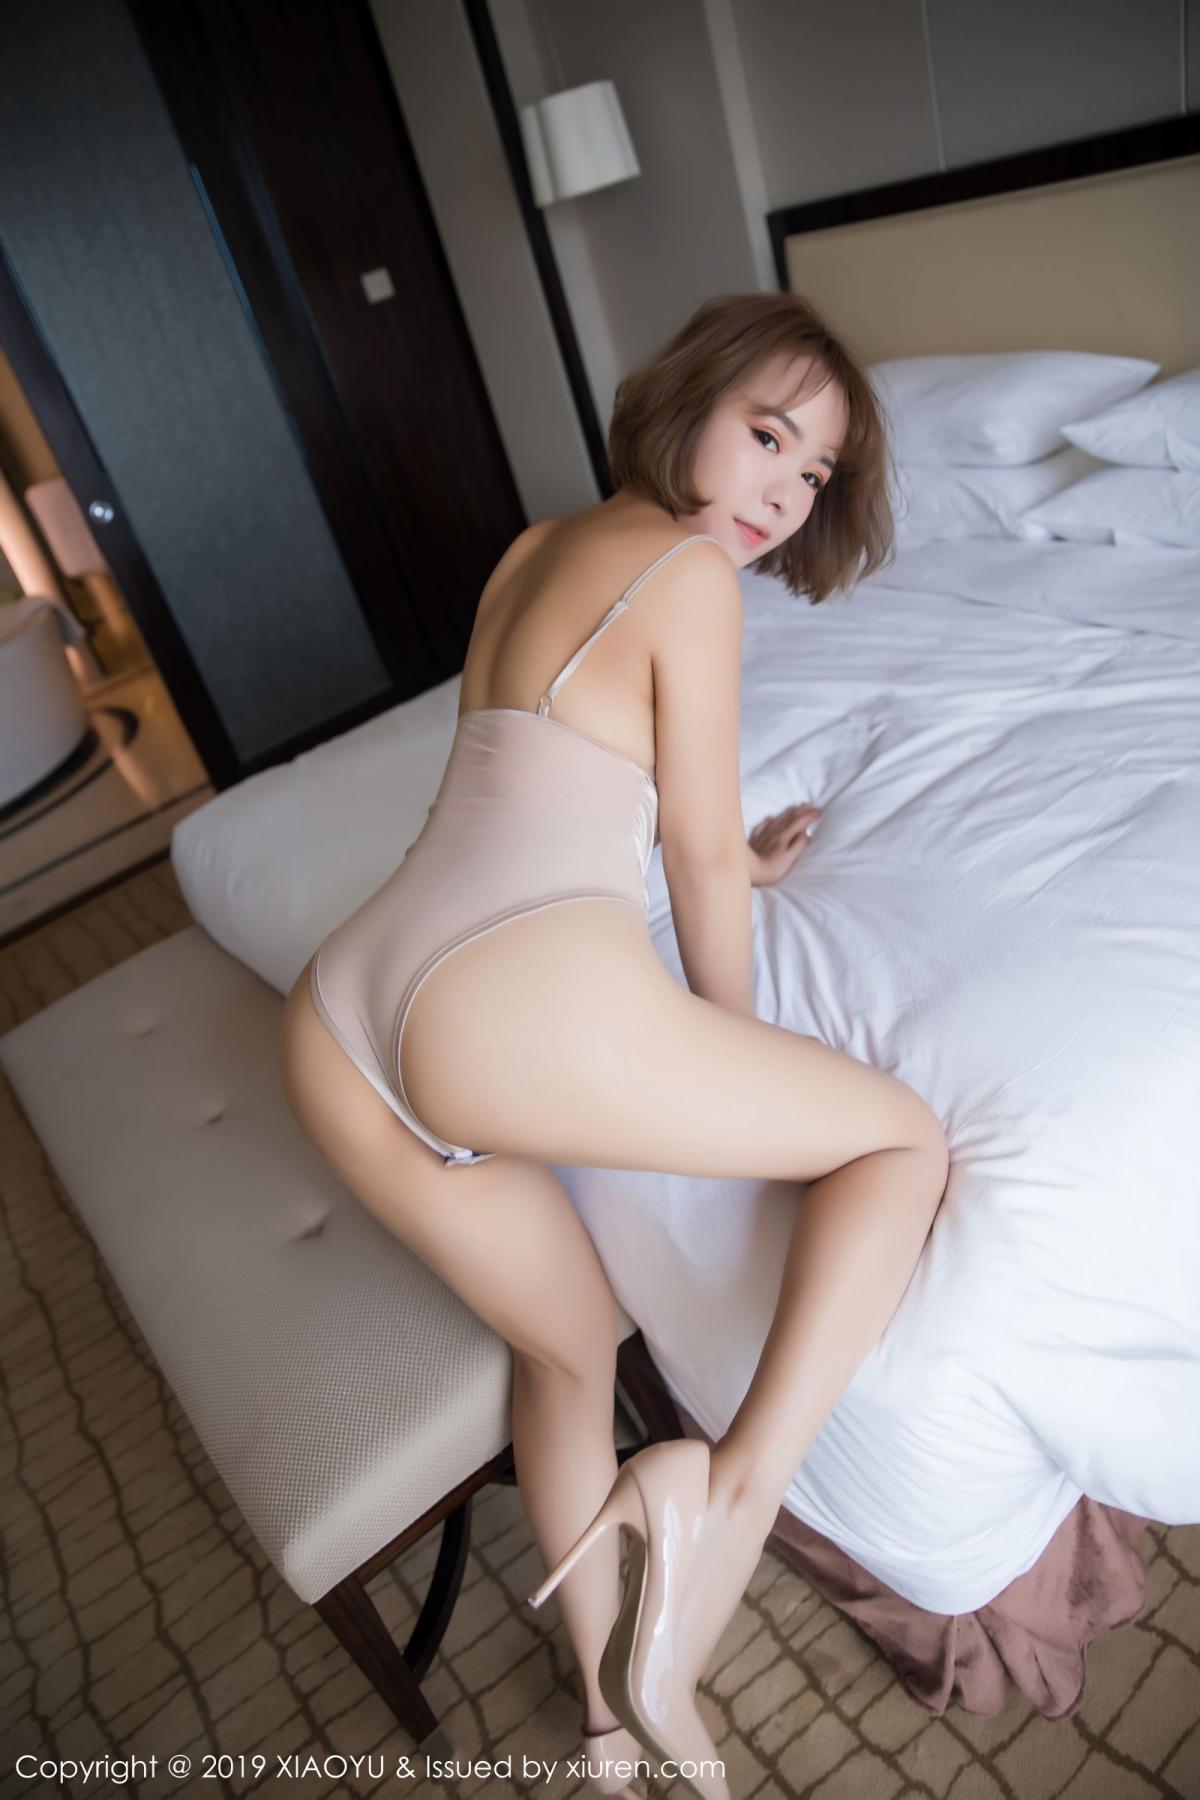 [XiaoYu] Vol.015 Chen Ya Wen 27P, Chen Ya Wen, Sexy, XiaoYu